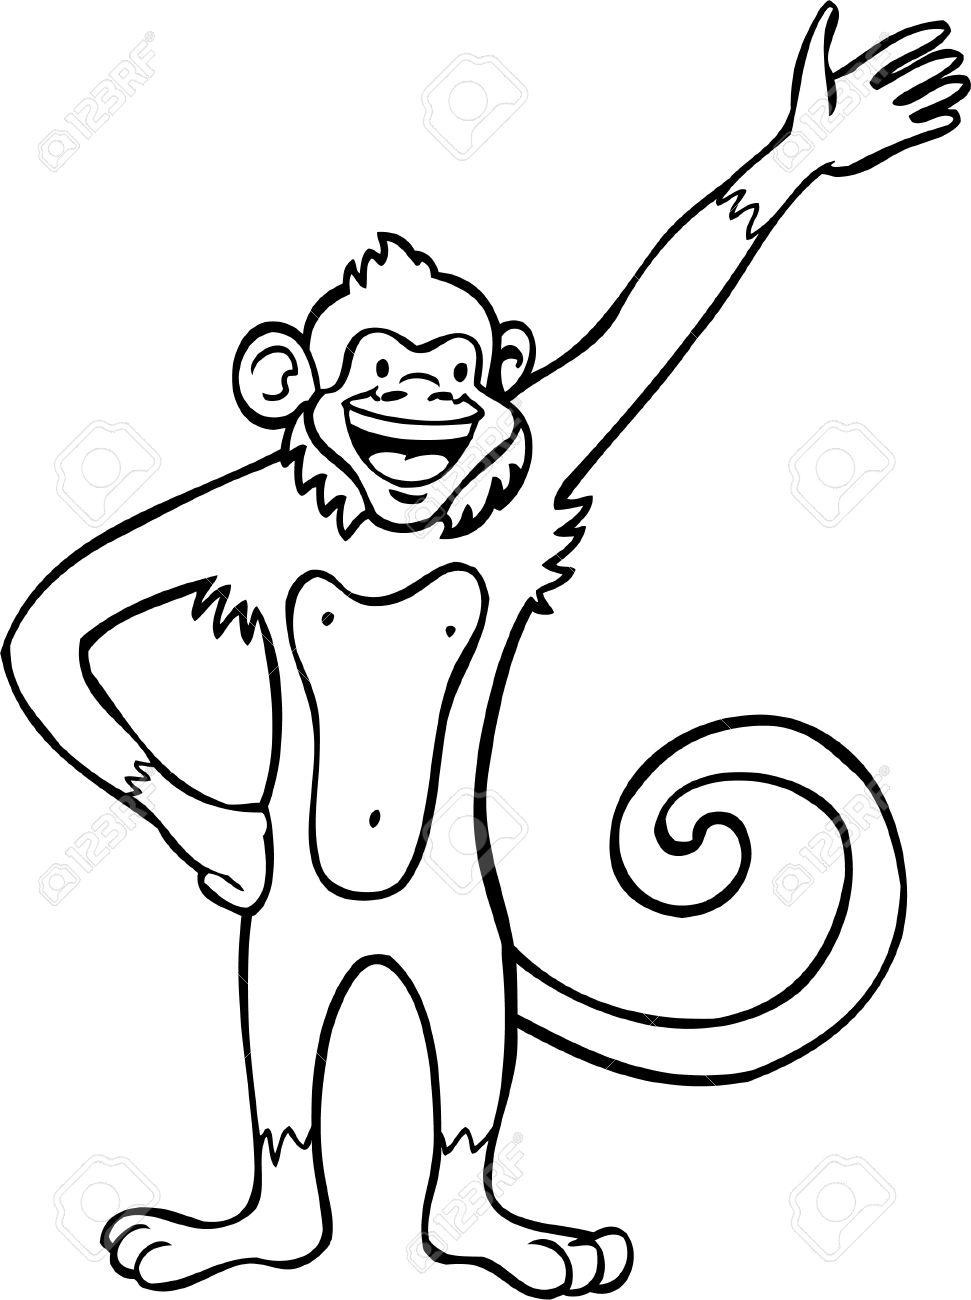 971x1300 Drawn Monkey